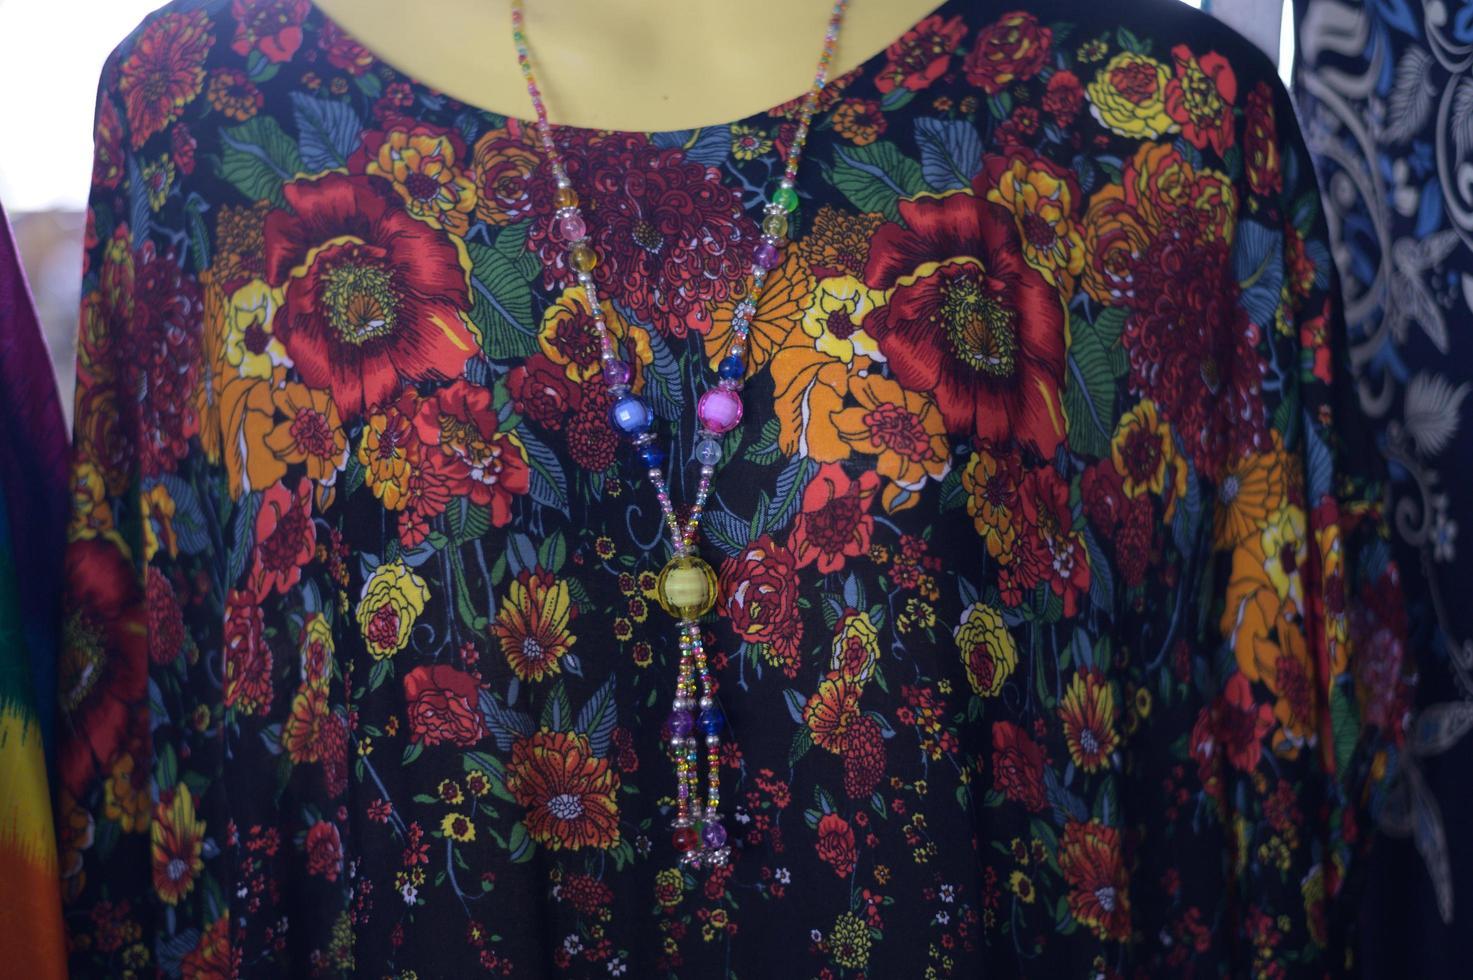 vestiti di moda su un manichino foto